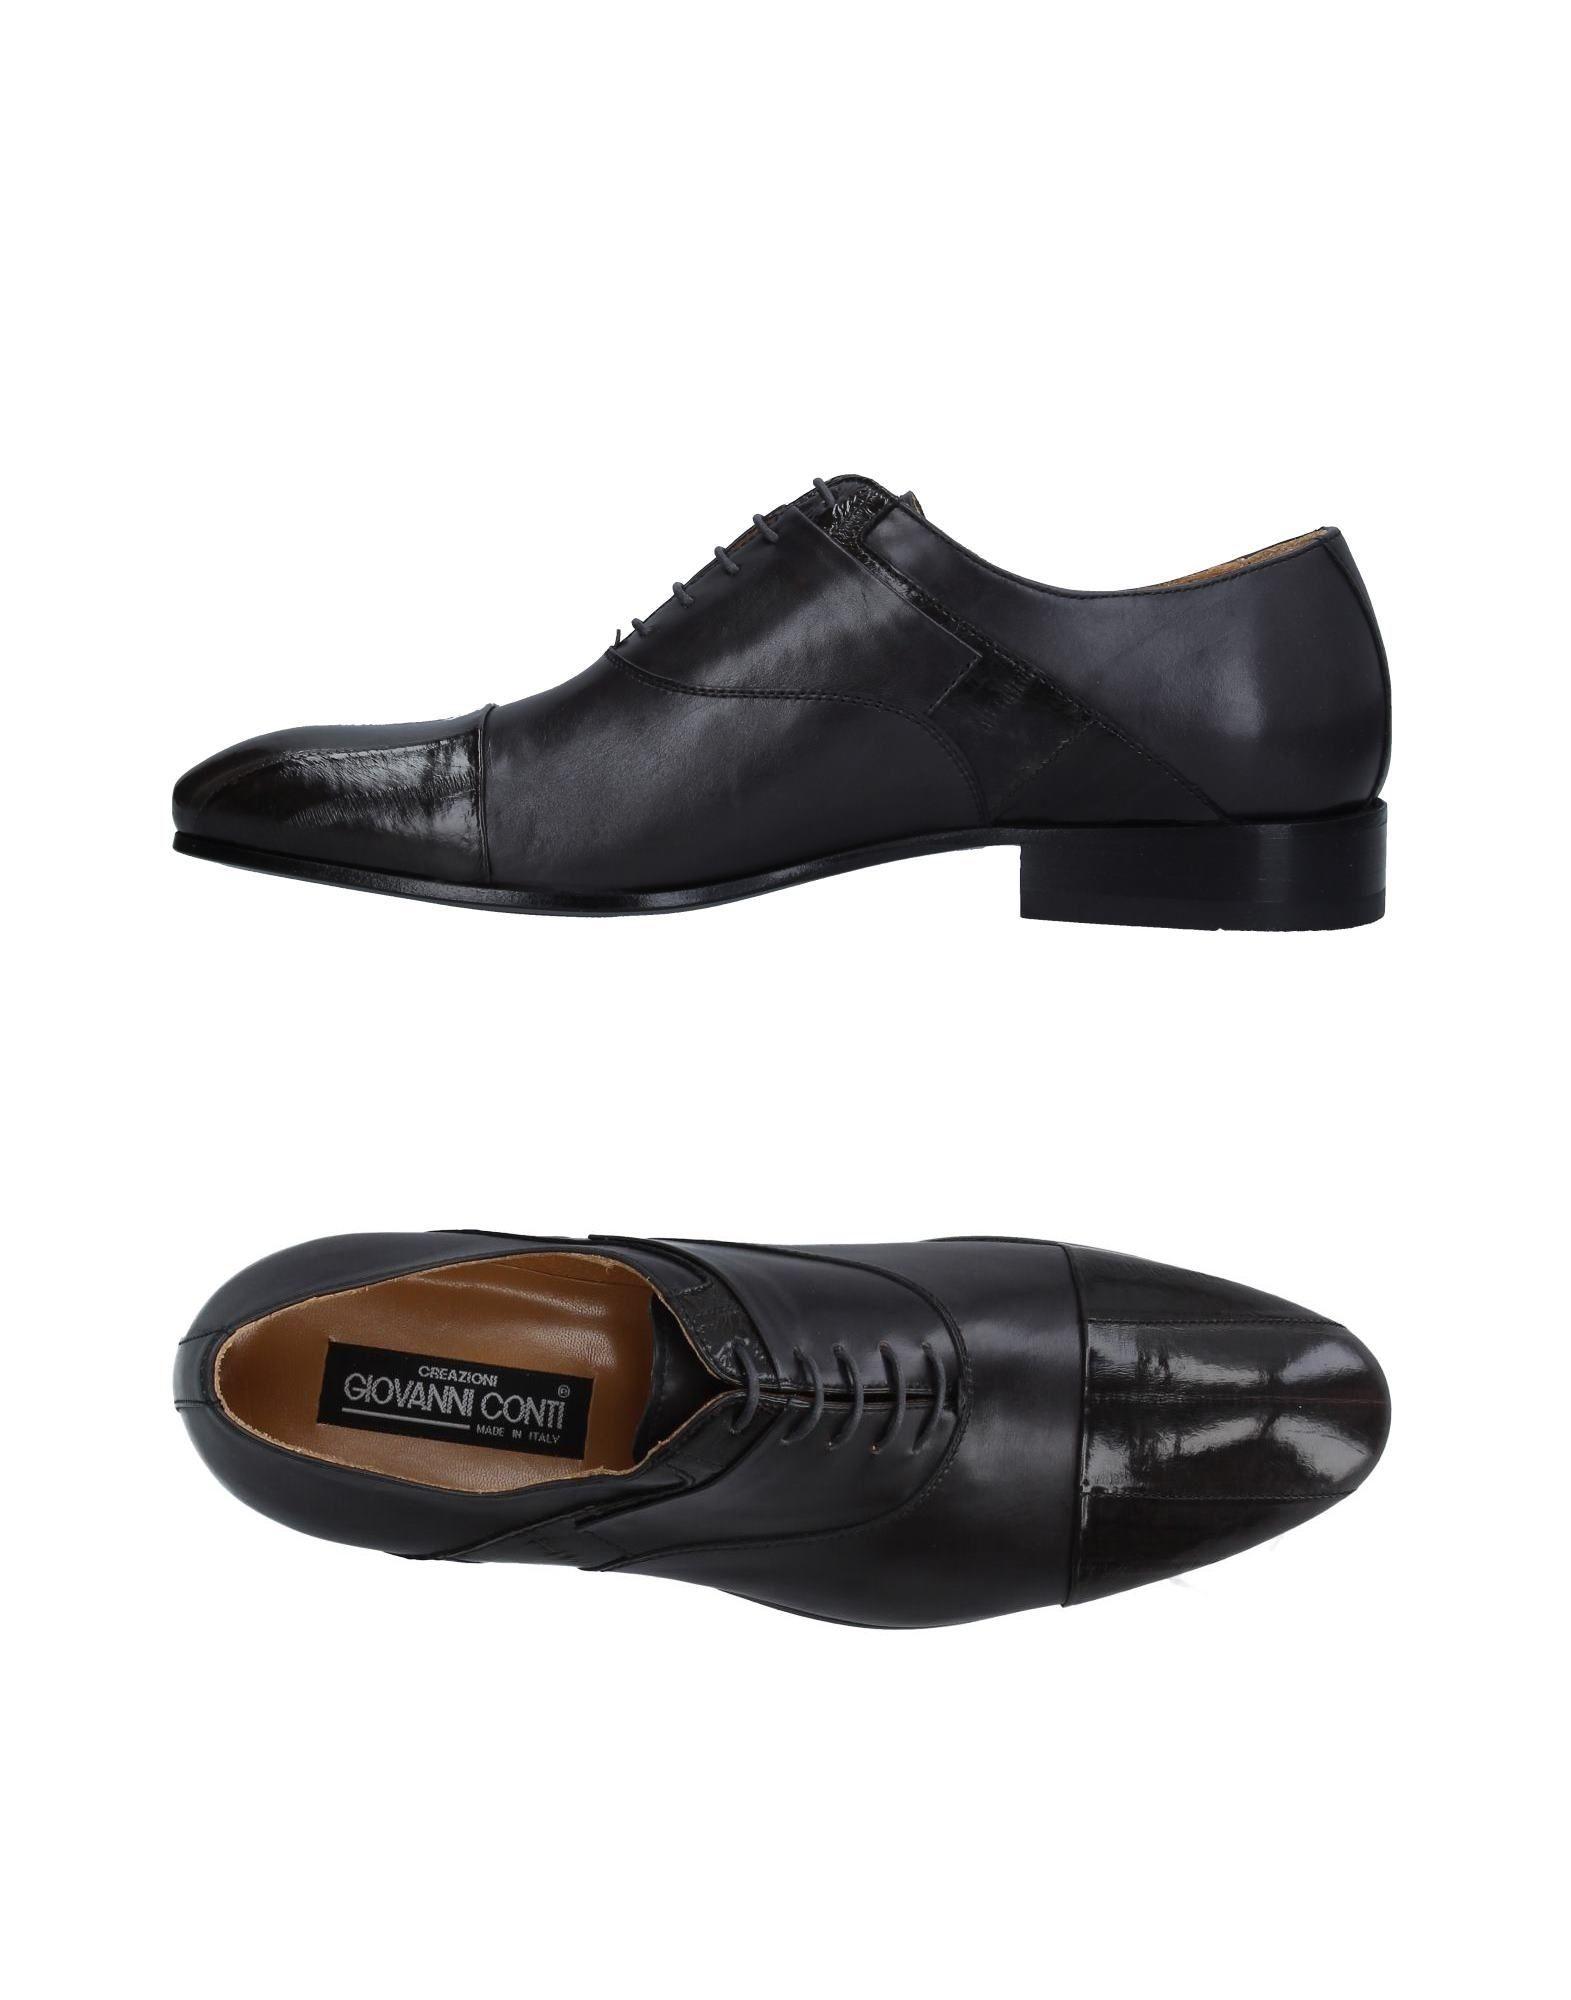 CREAZIONI GIOVANNI CONTI Обувь на шнурках marina creazioni 3560 avoria cipria